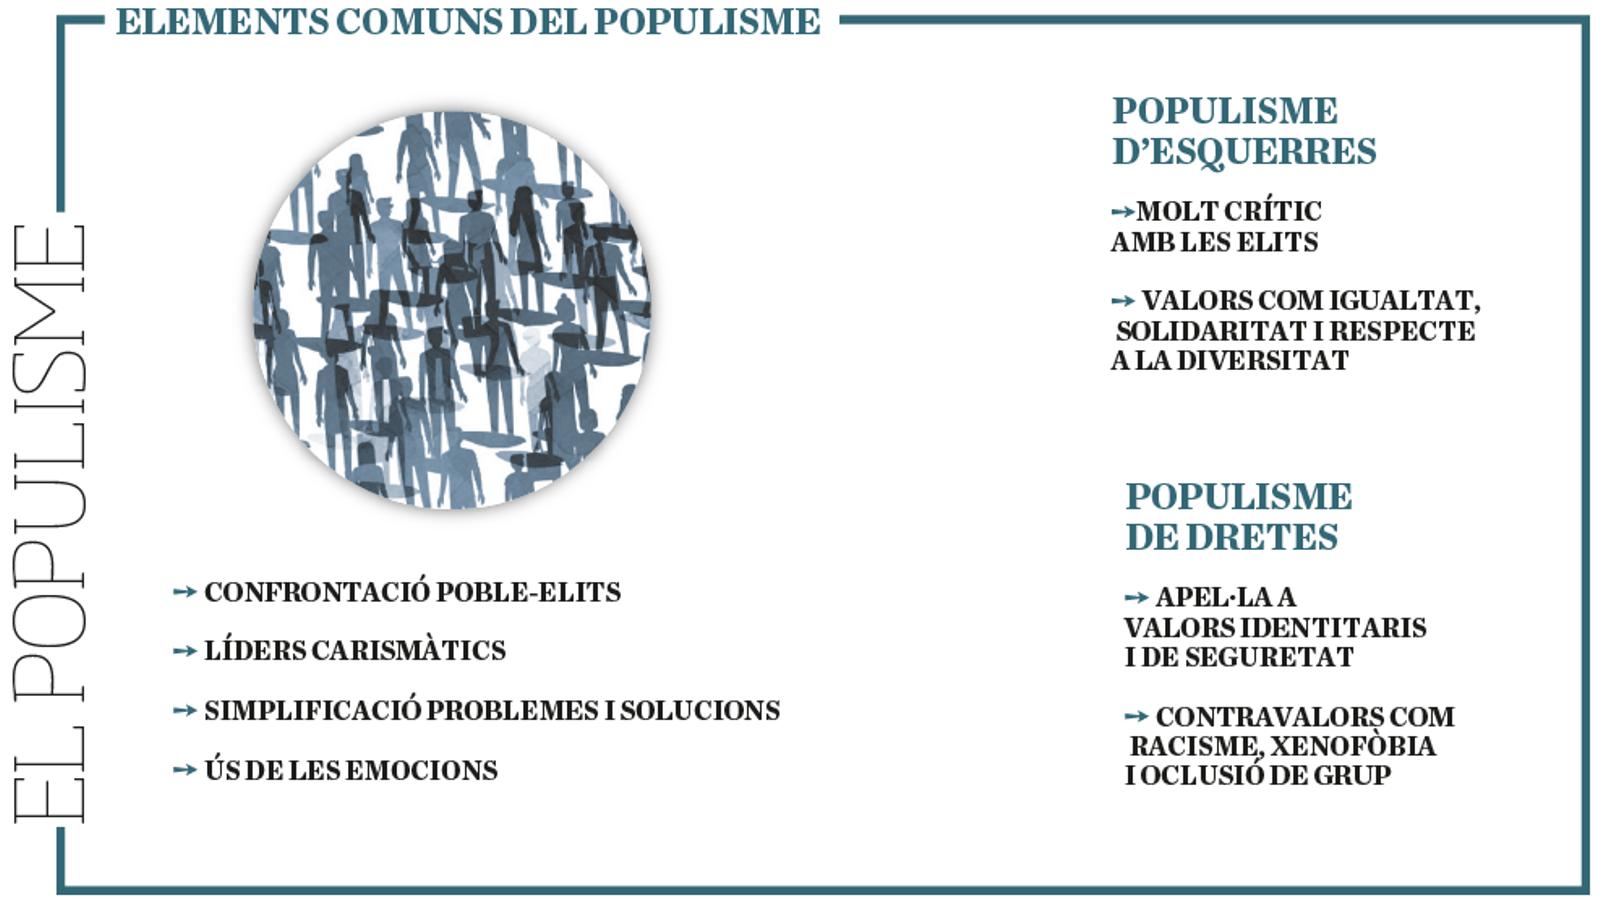 Diccionari del populisme